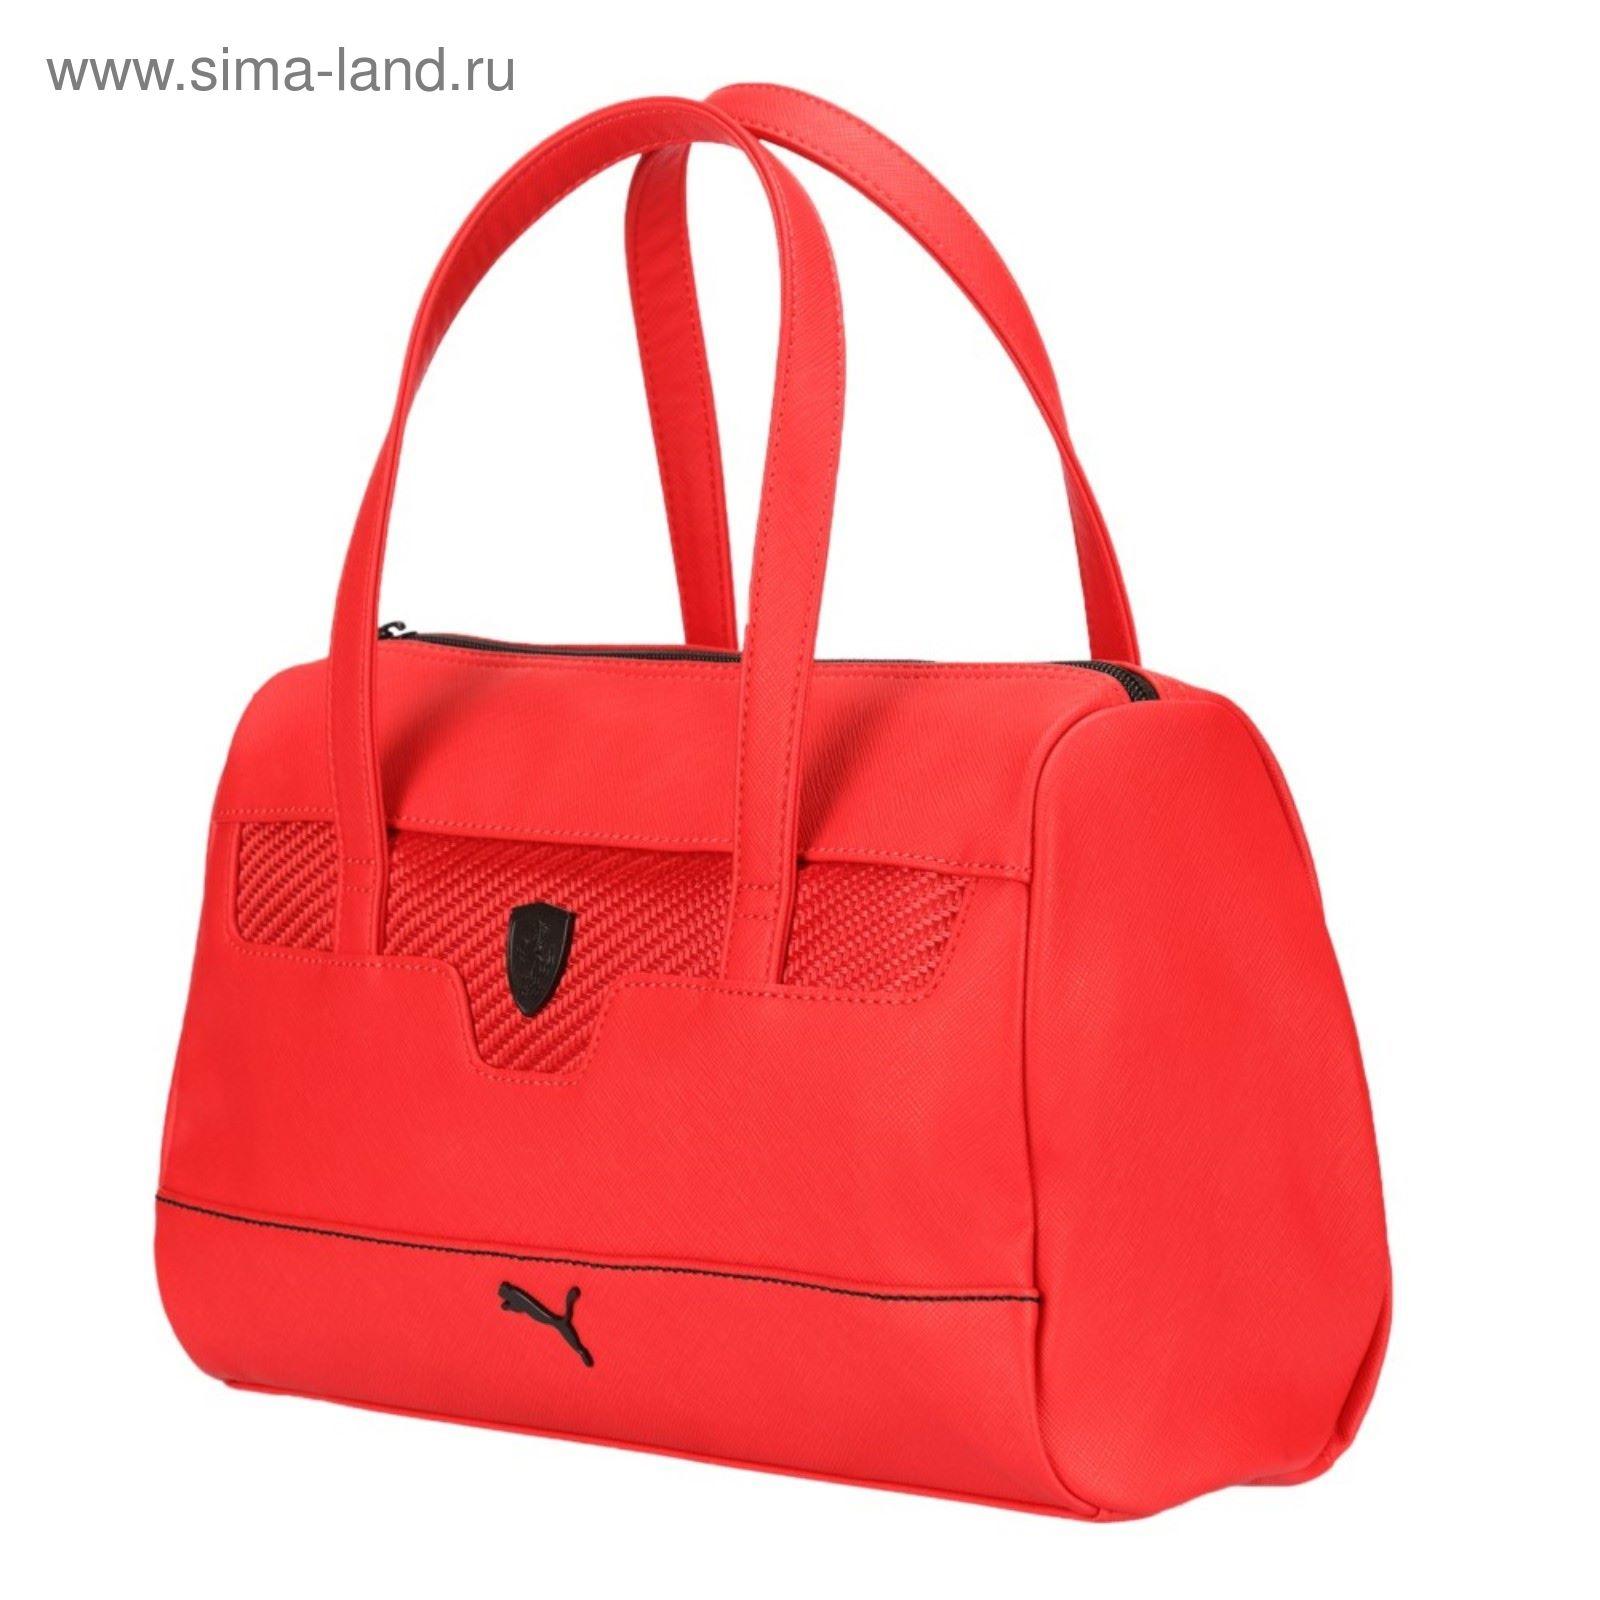 919de27e Сумка женская PUMA Ferrari LS Handbag, красный (2350323) - Купить по ...